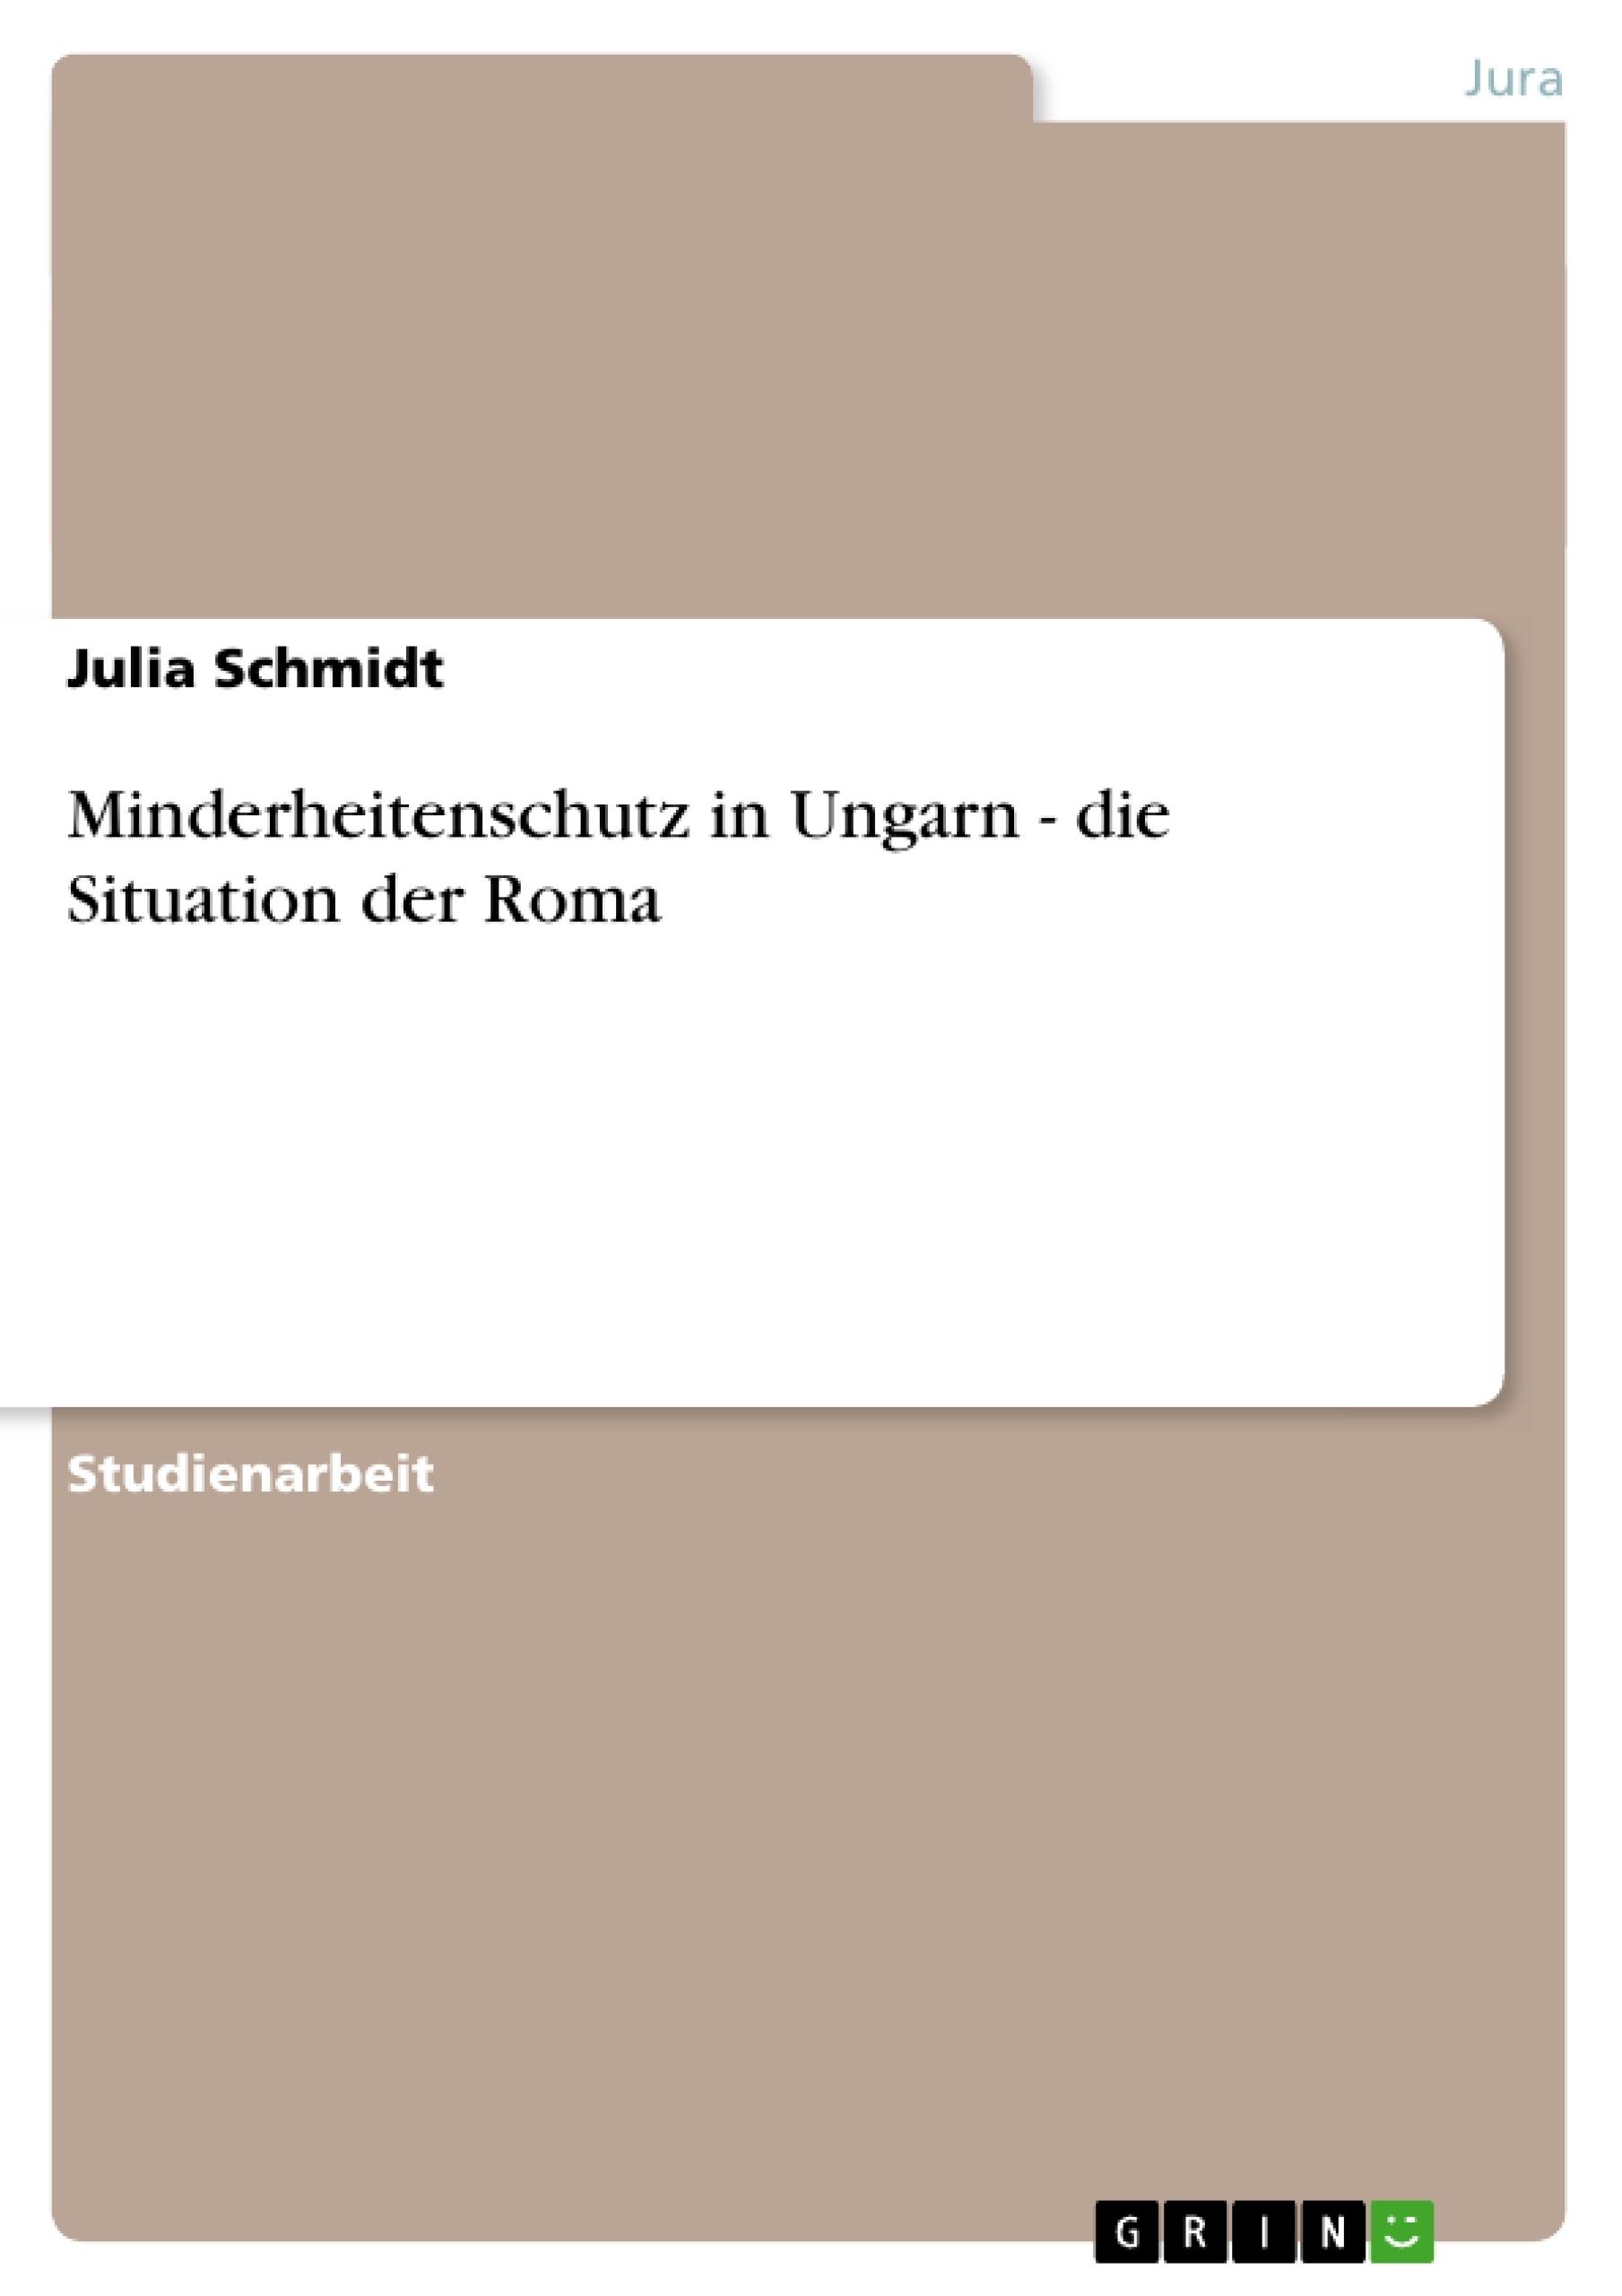 Titel: Minderheitenschutz in Ungarn - die Situation der Roma